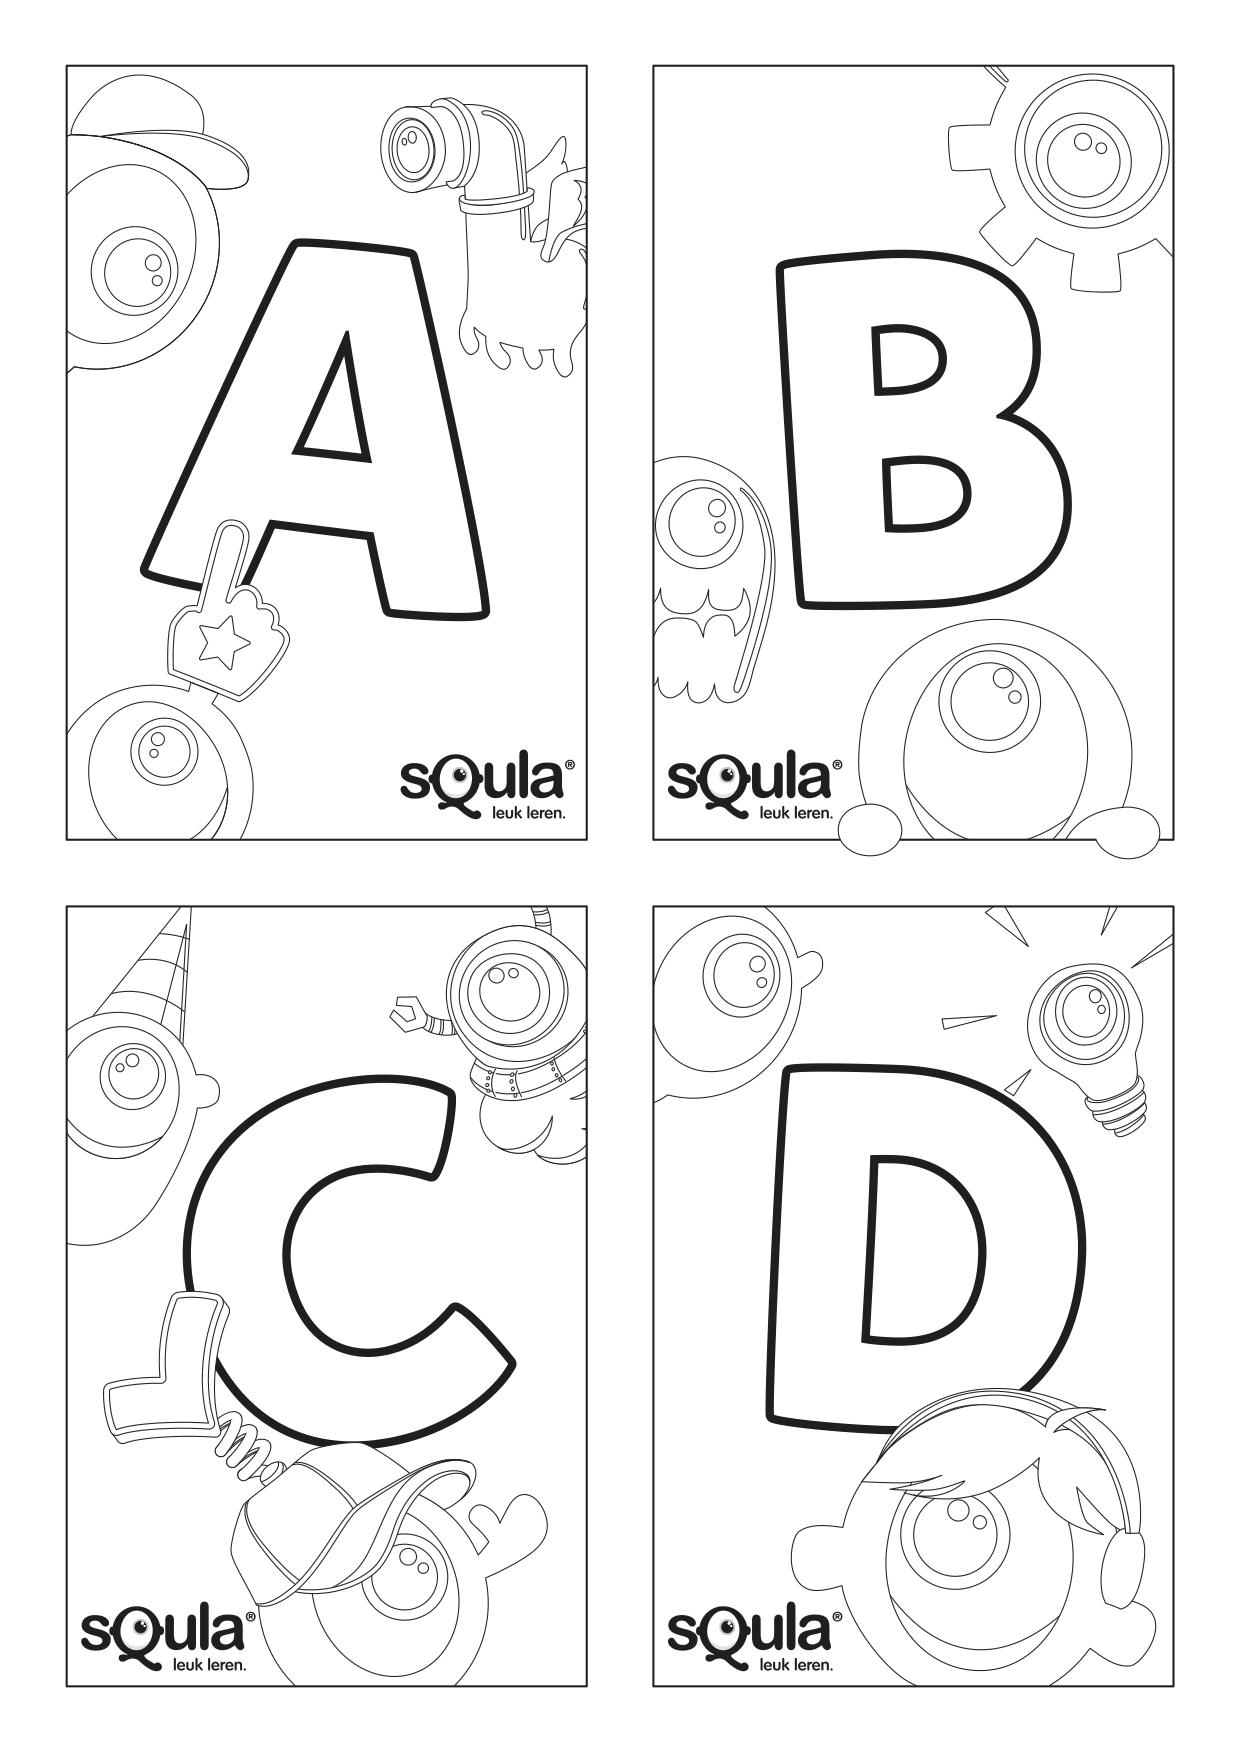 kleurplaten voor kinderen kleurplaten kleurplaten voor